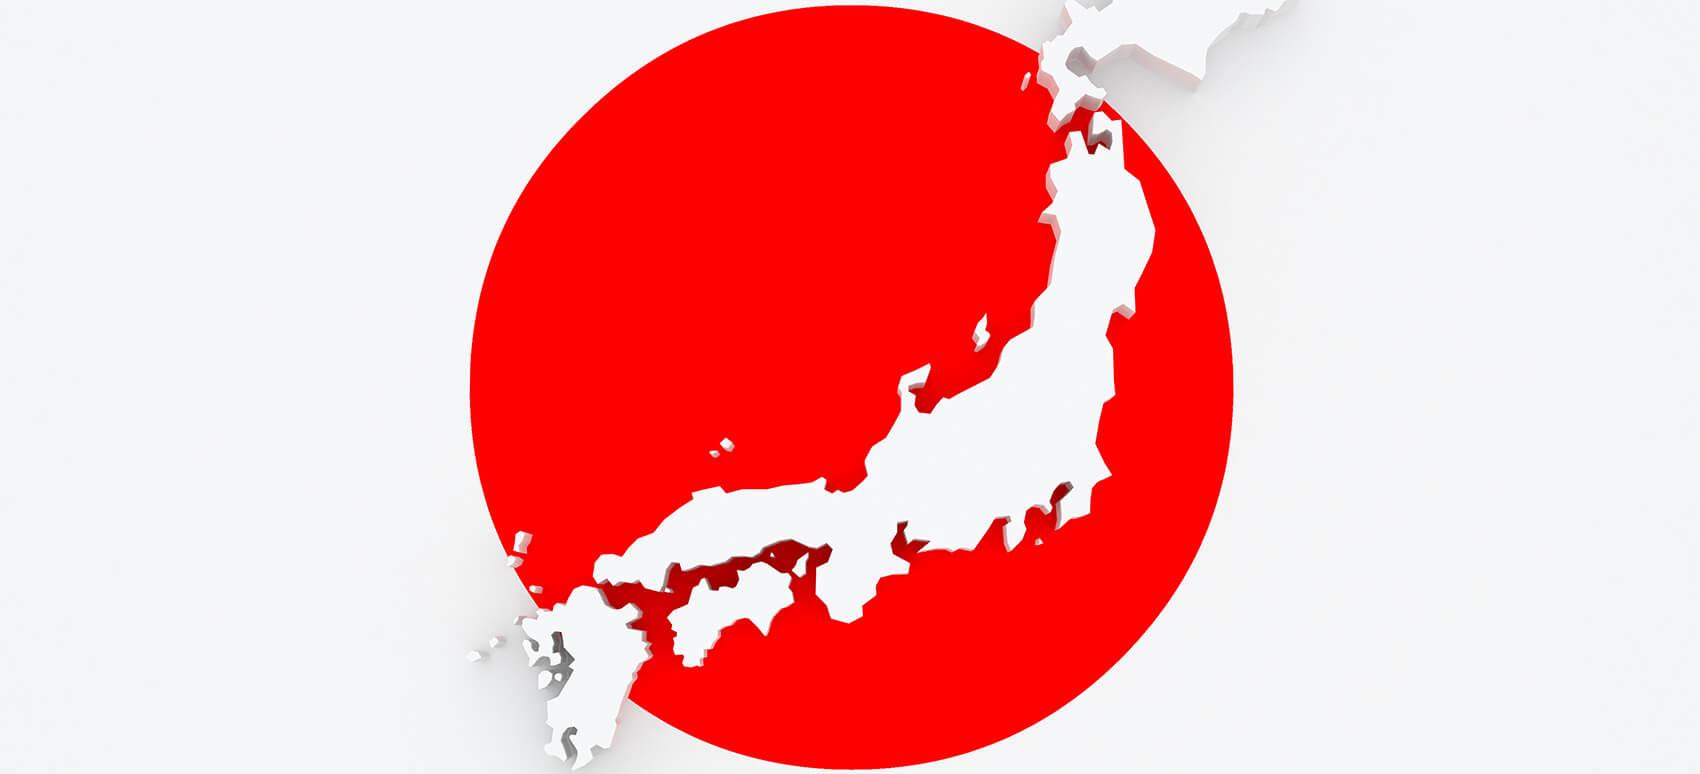 Frihandelsaftale med Japan. Sådan opnår du en lavere toldafgift på din import